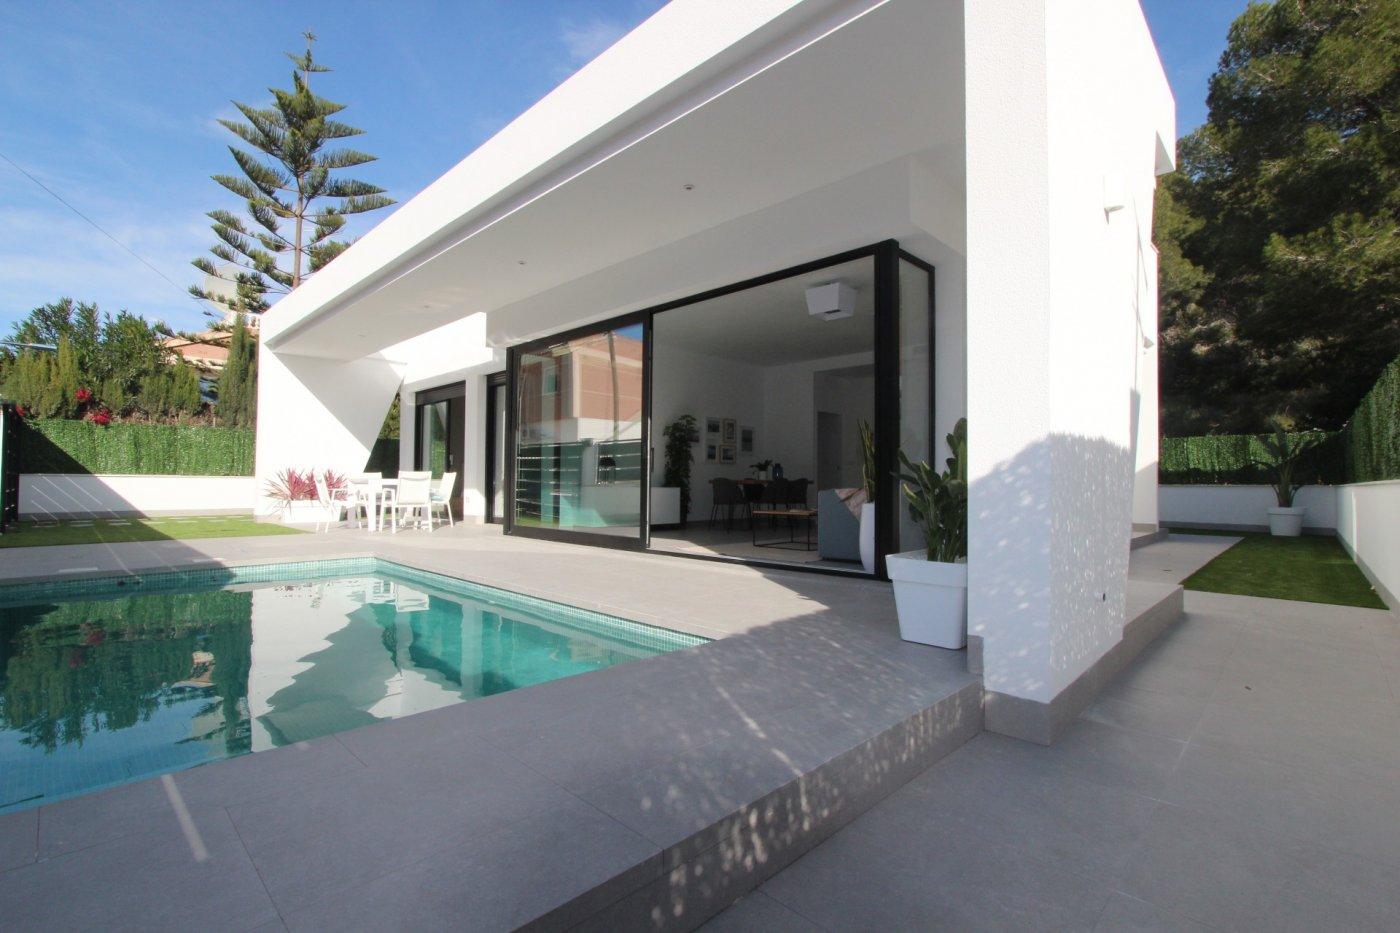 luxury-villa en pilar-de-la-horadada · pinar-de-campoverde 315000€